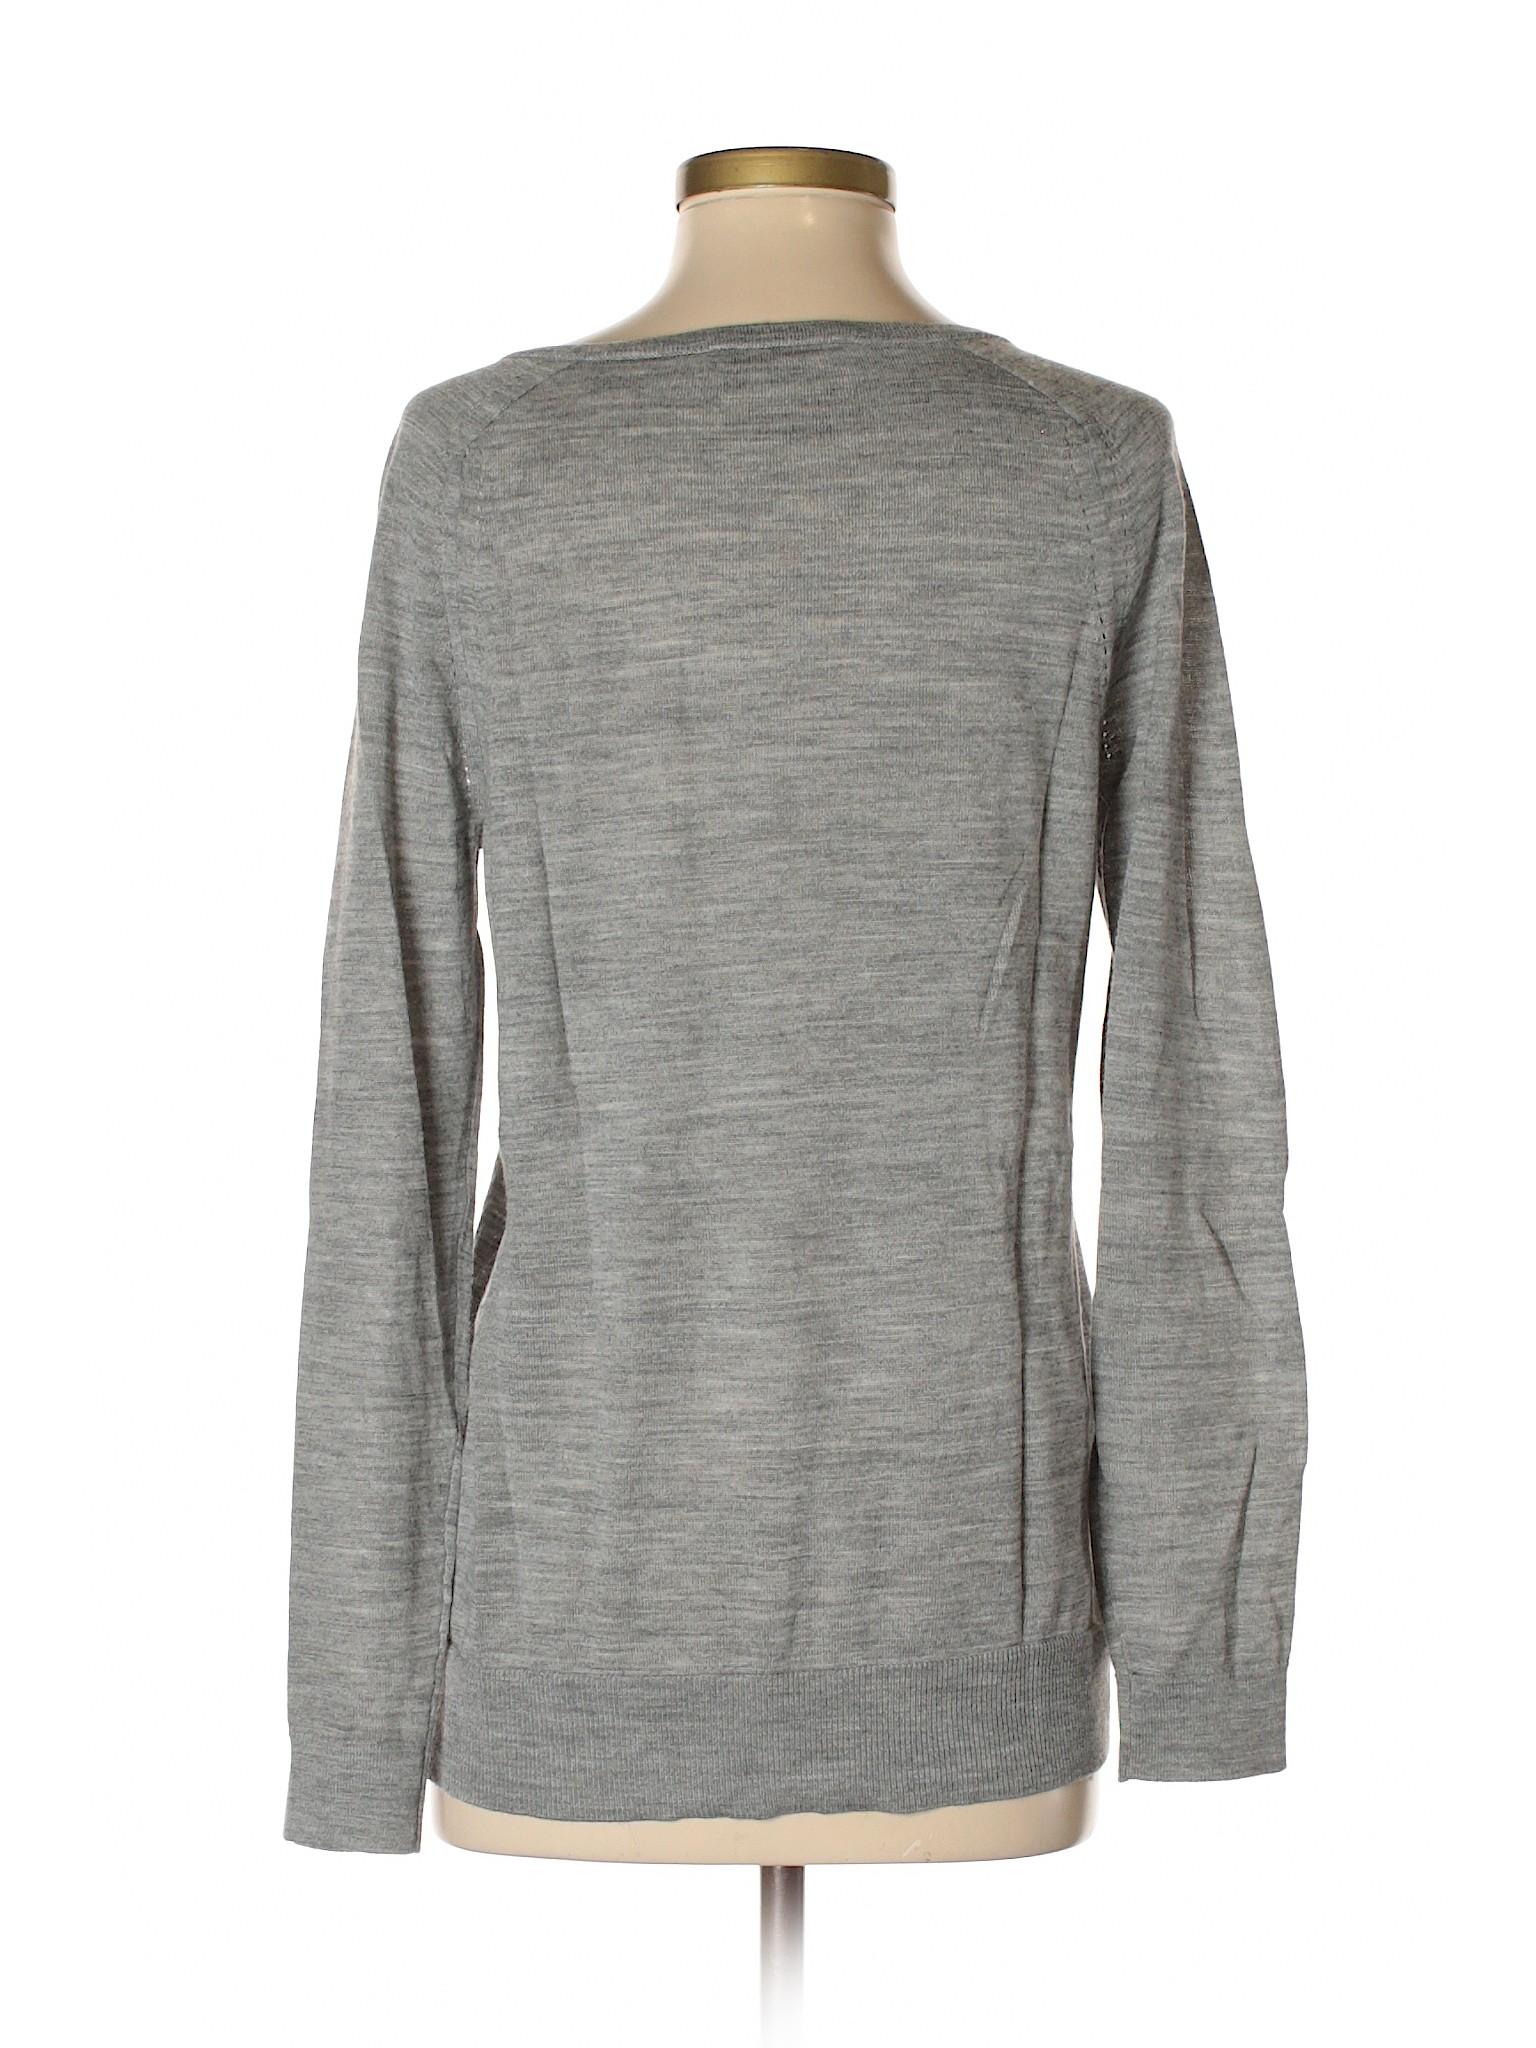 Ann Taylor winter Boutique Pullover LOFT Sweater RpZfxfaq